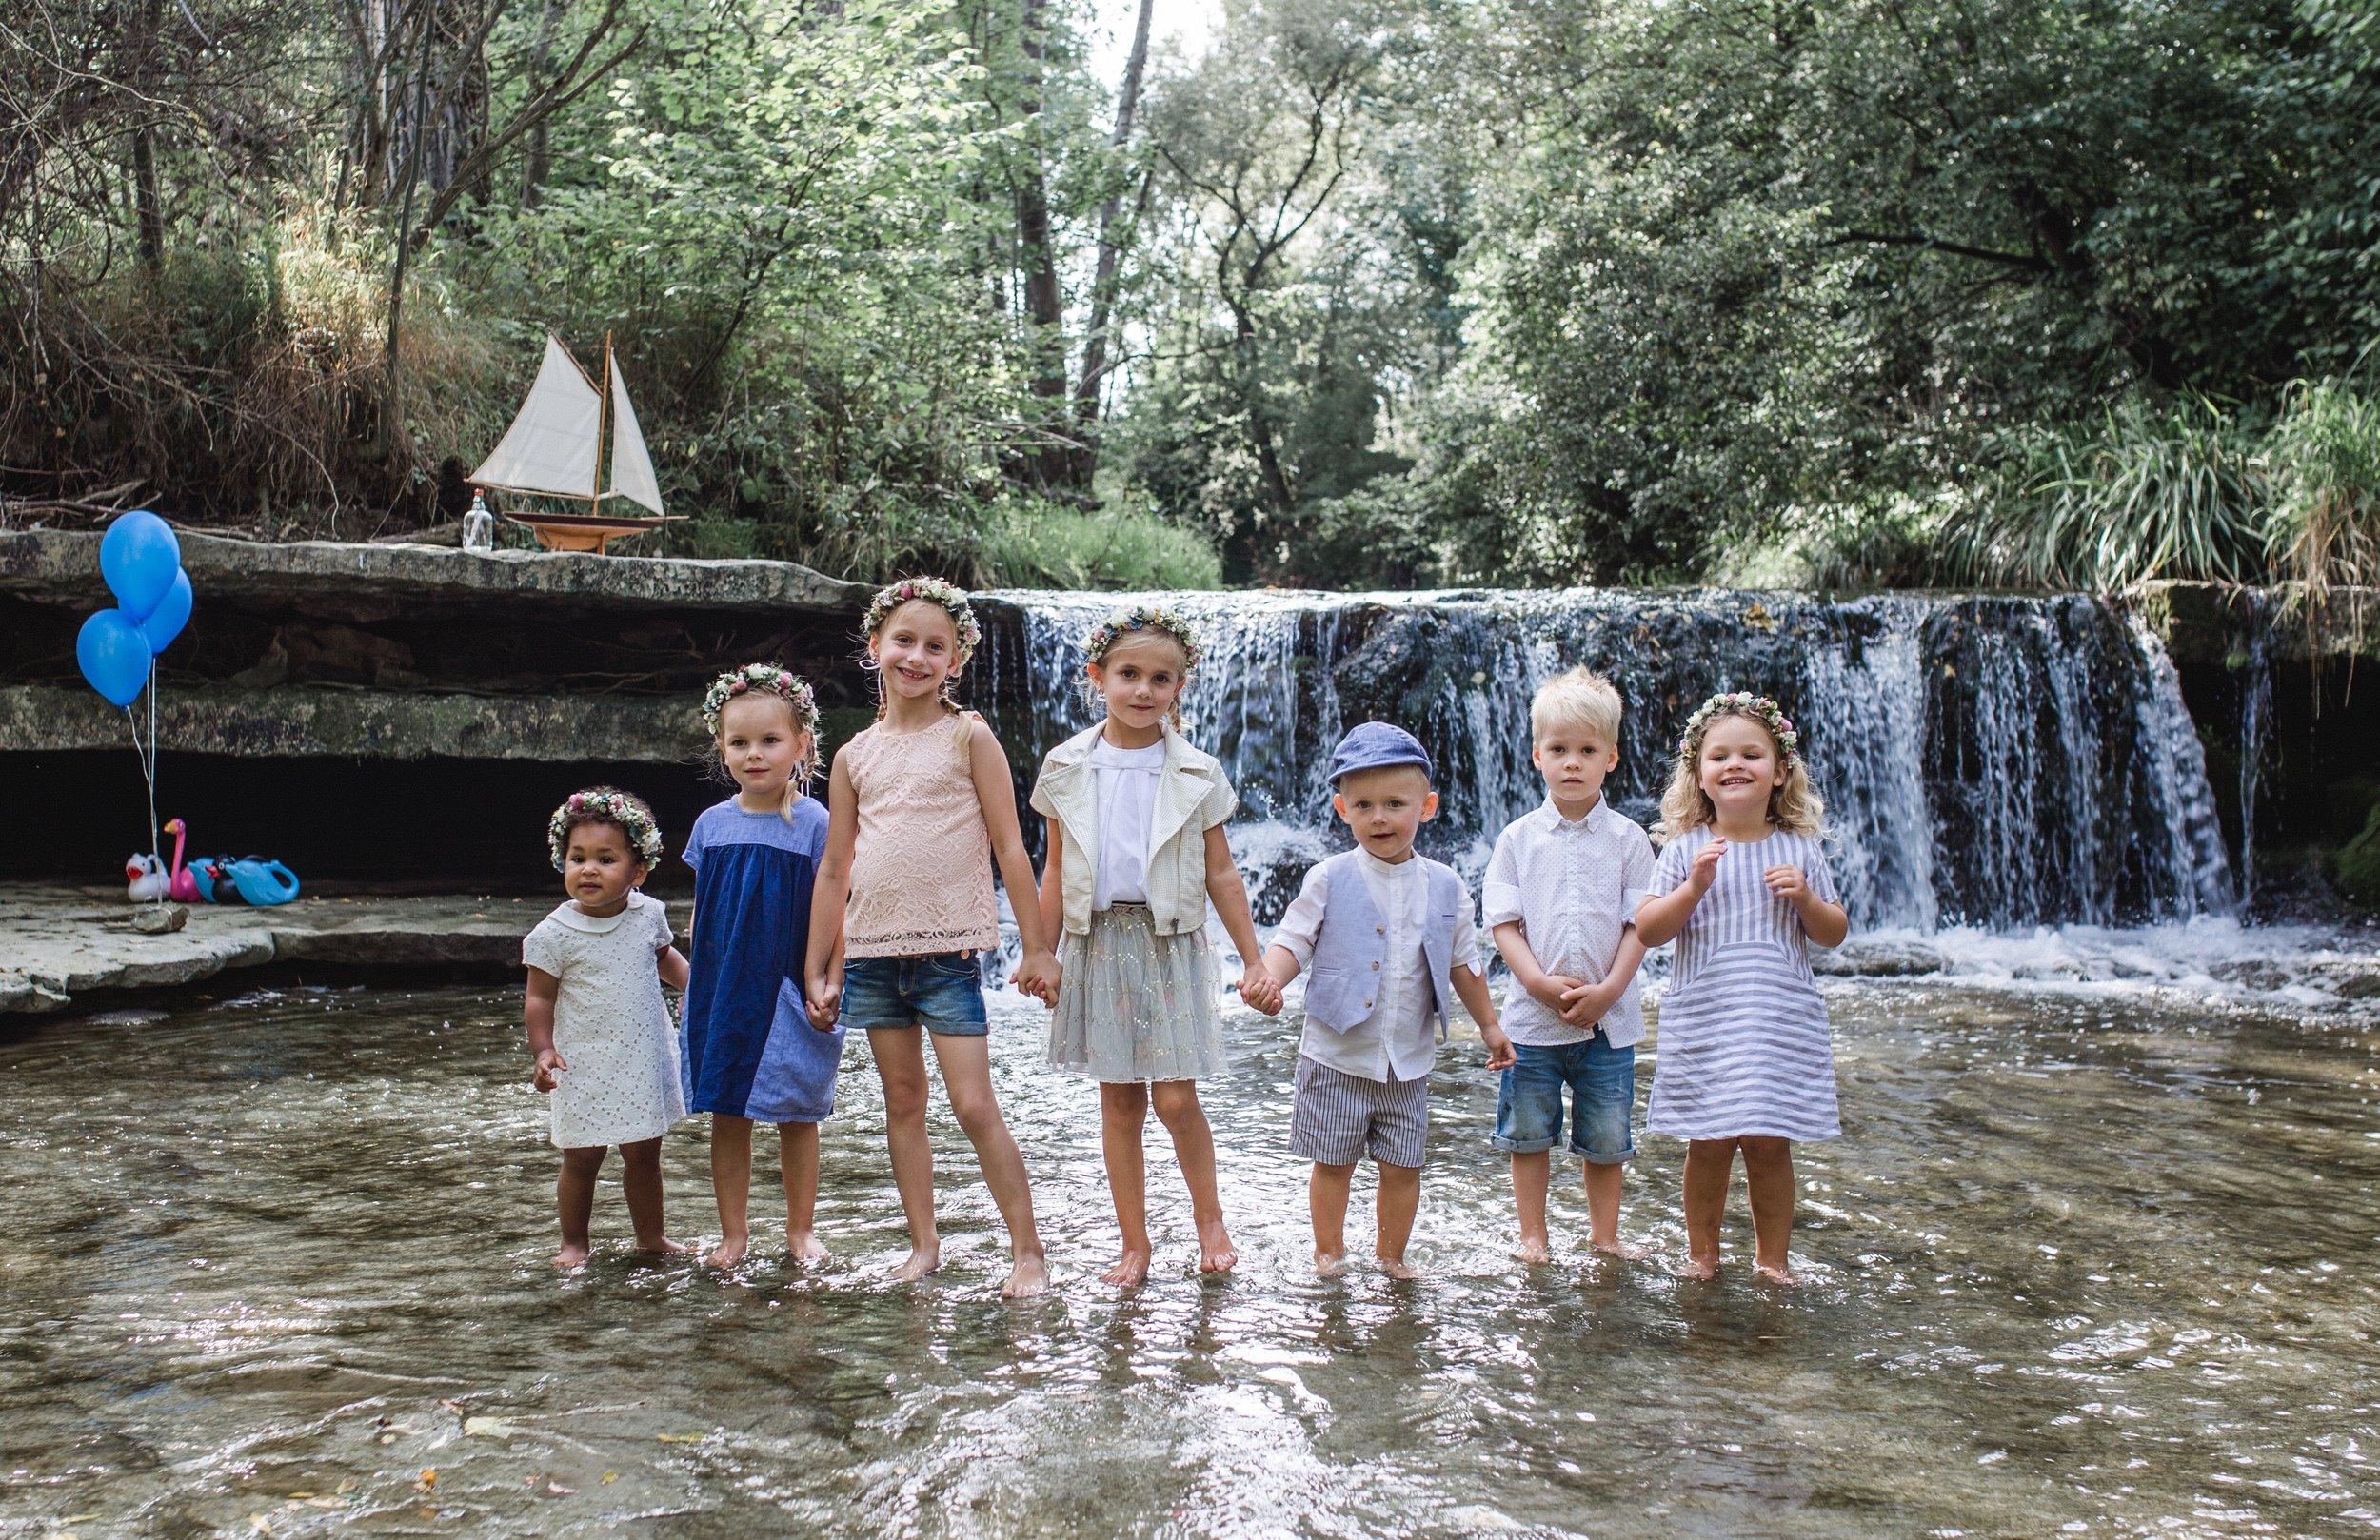 Kindershooting_Wasser-186.JPG